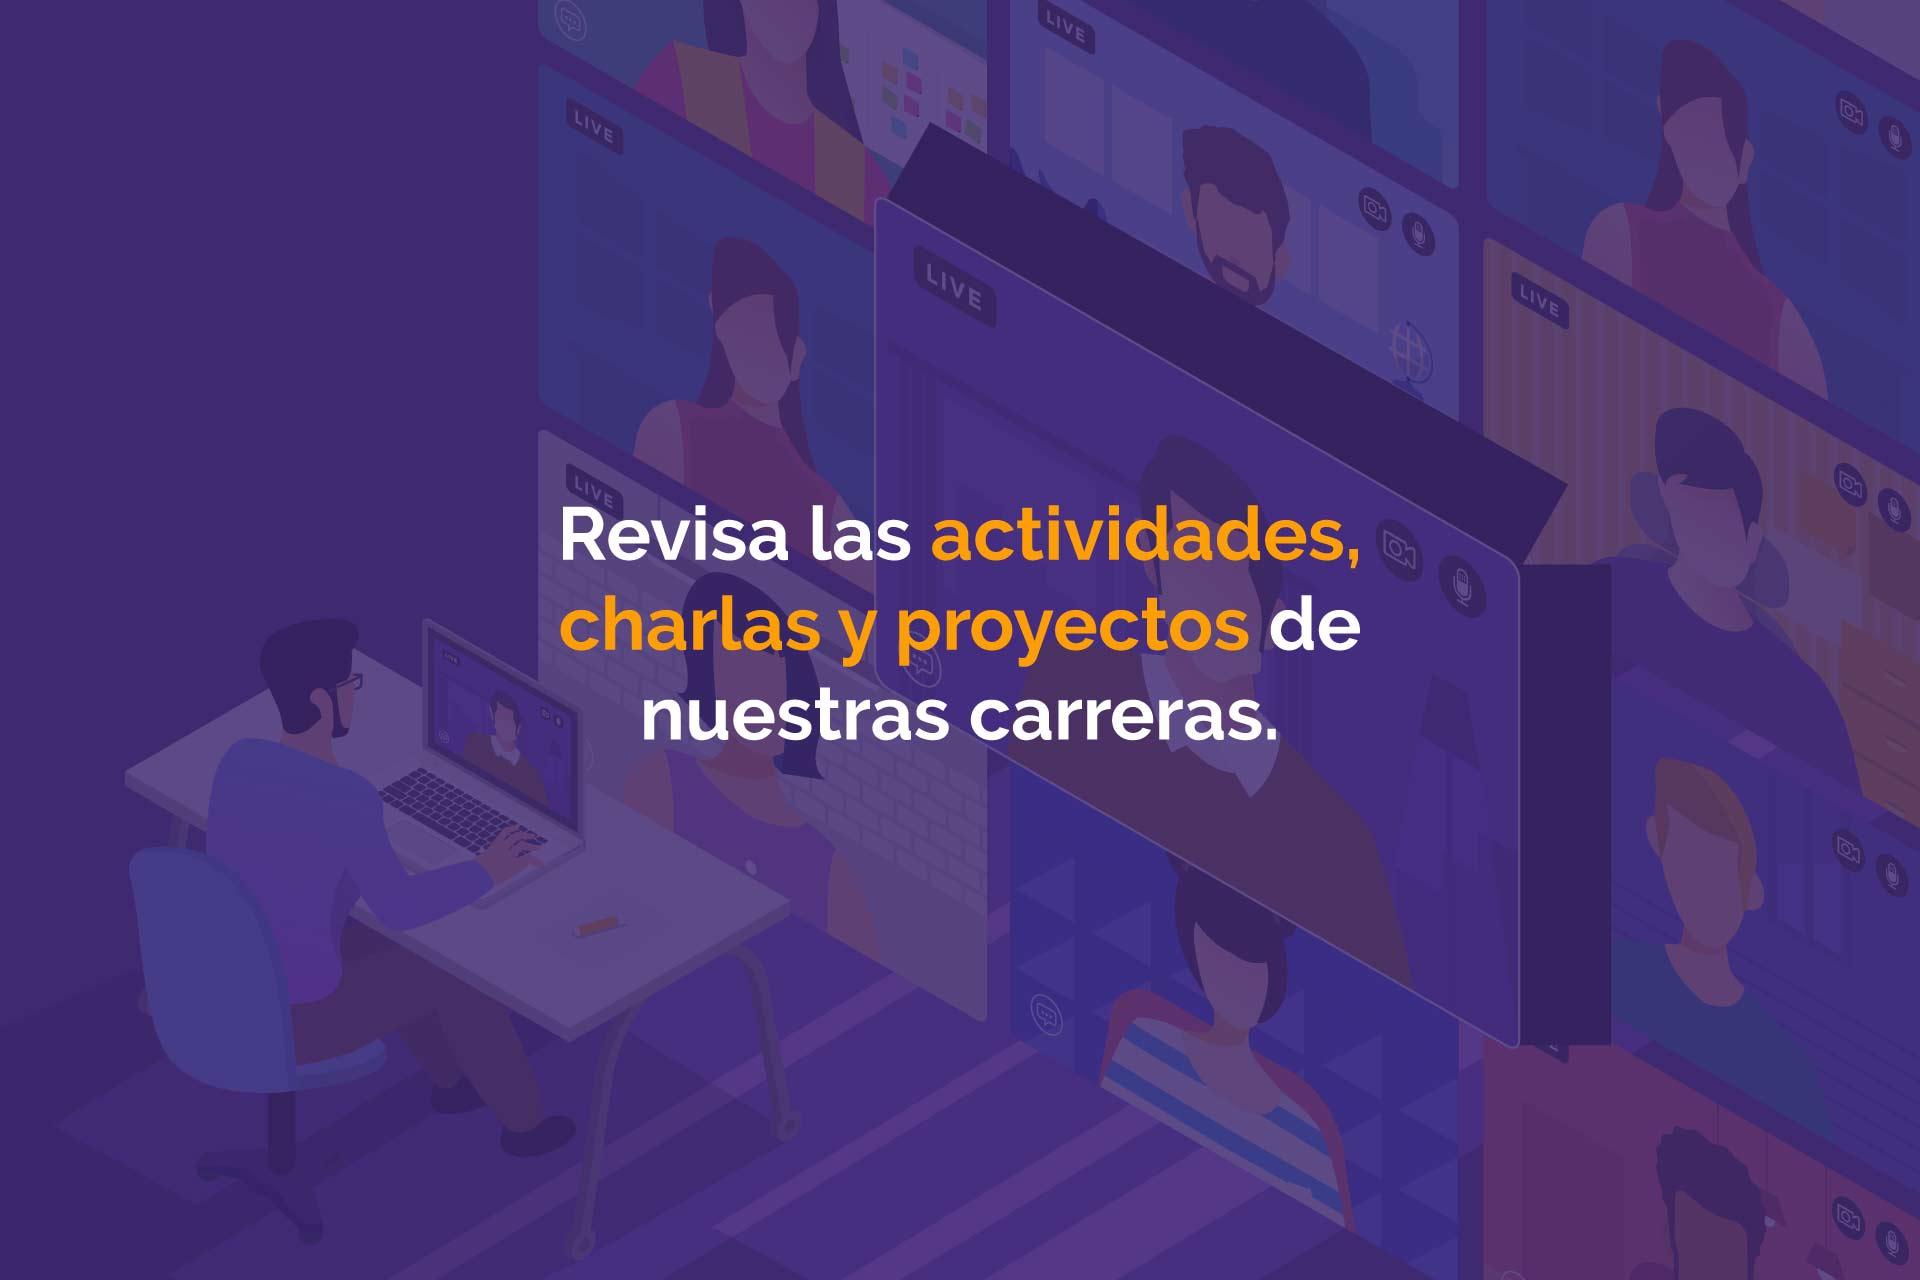 Revisa las actividades, charlas y proyectos